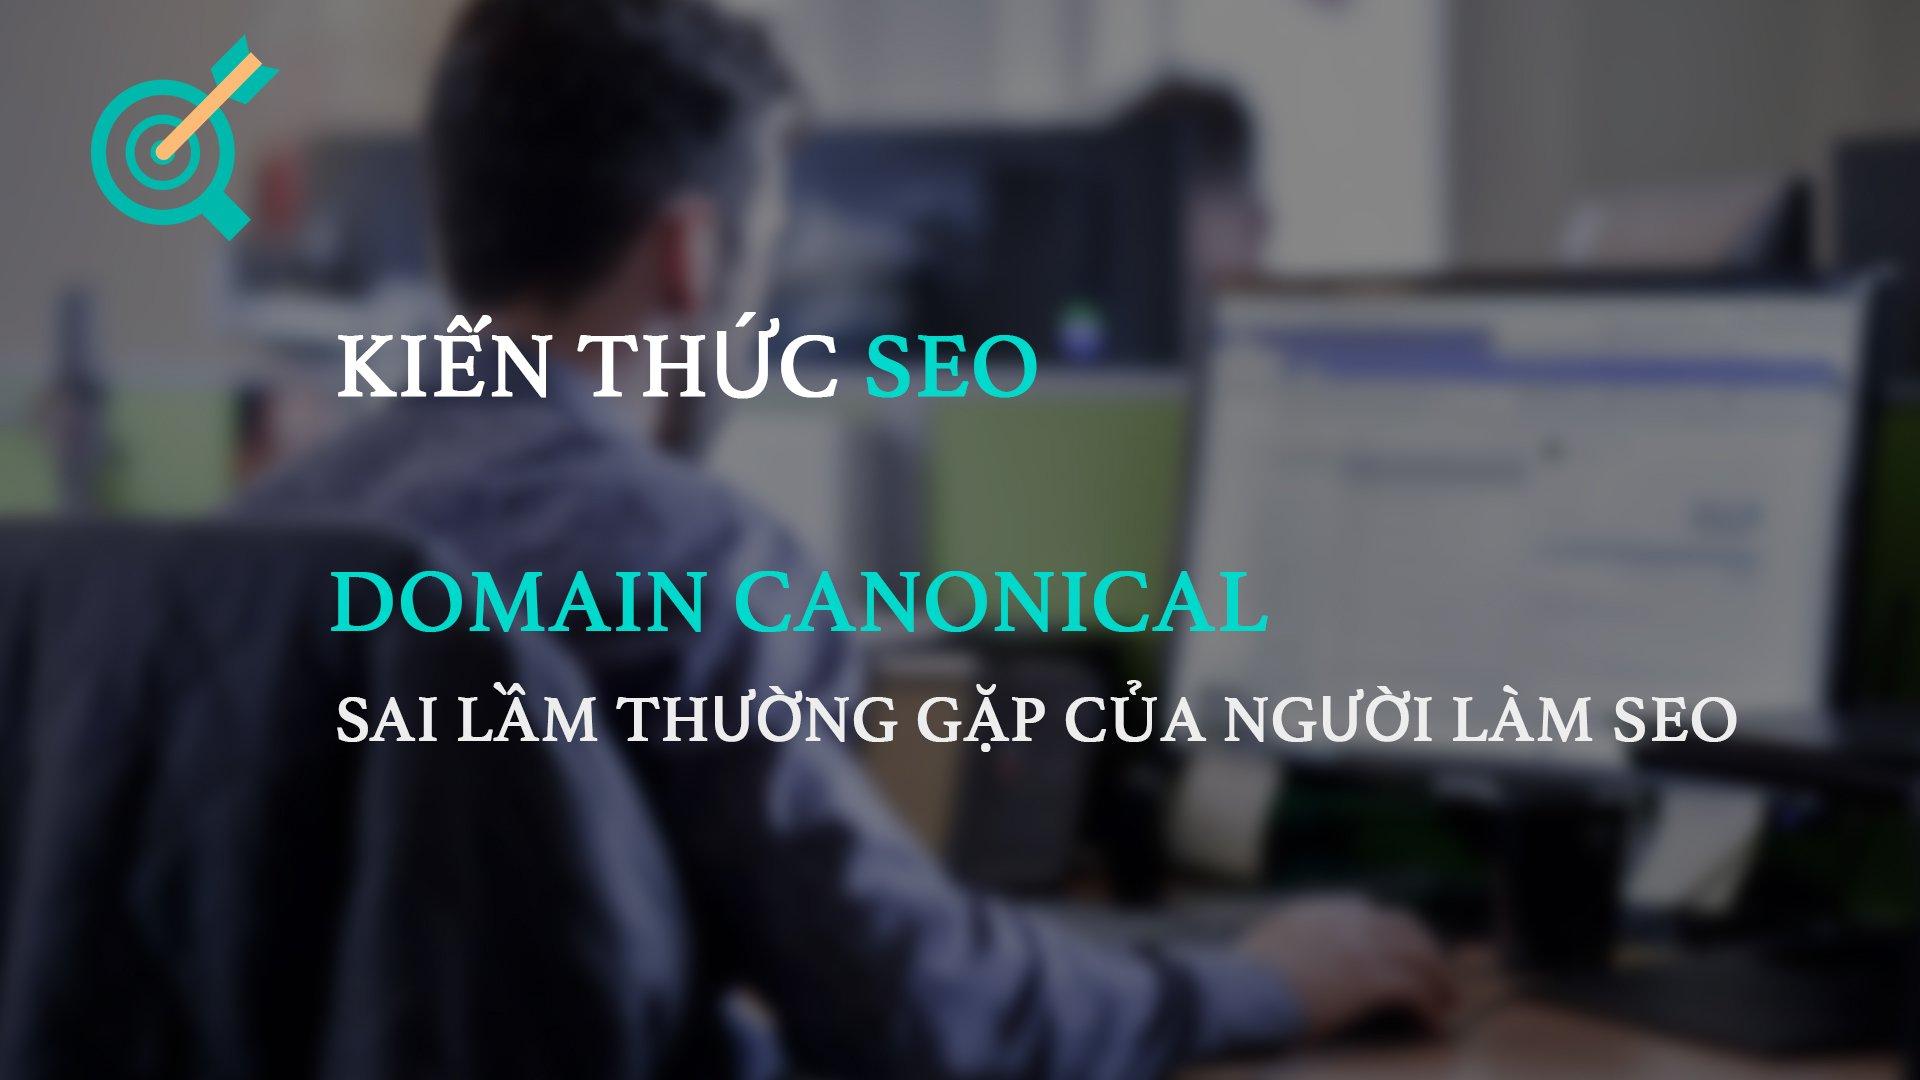 Domain Canonical – Sai lầm thường gặp của người làm SEO